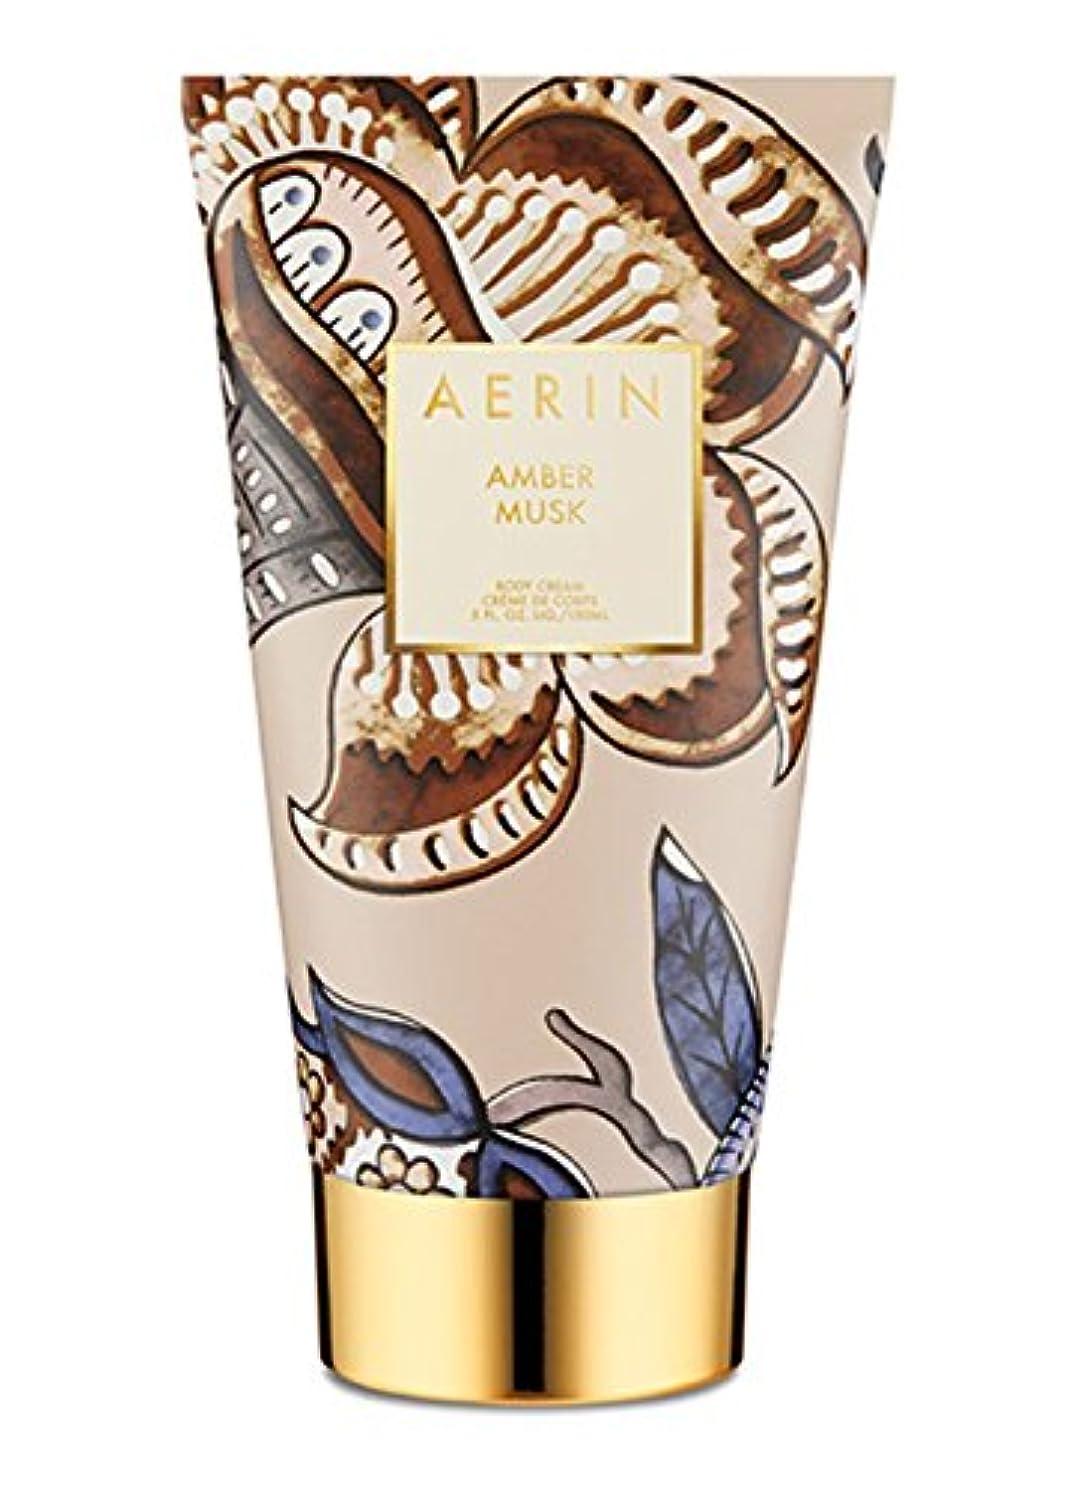 知らせる無謀雨AERIN 'Amber Musk' (アエリン アンバームスク) 5.0 oz (150ml) Body Cream ボディークリーム by Estee Lauder for Women